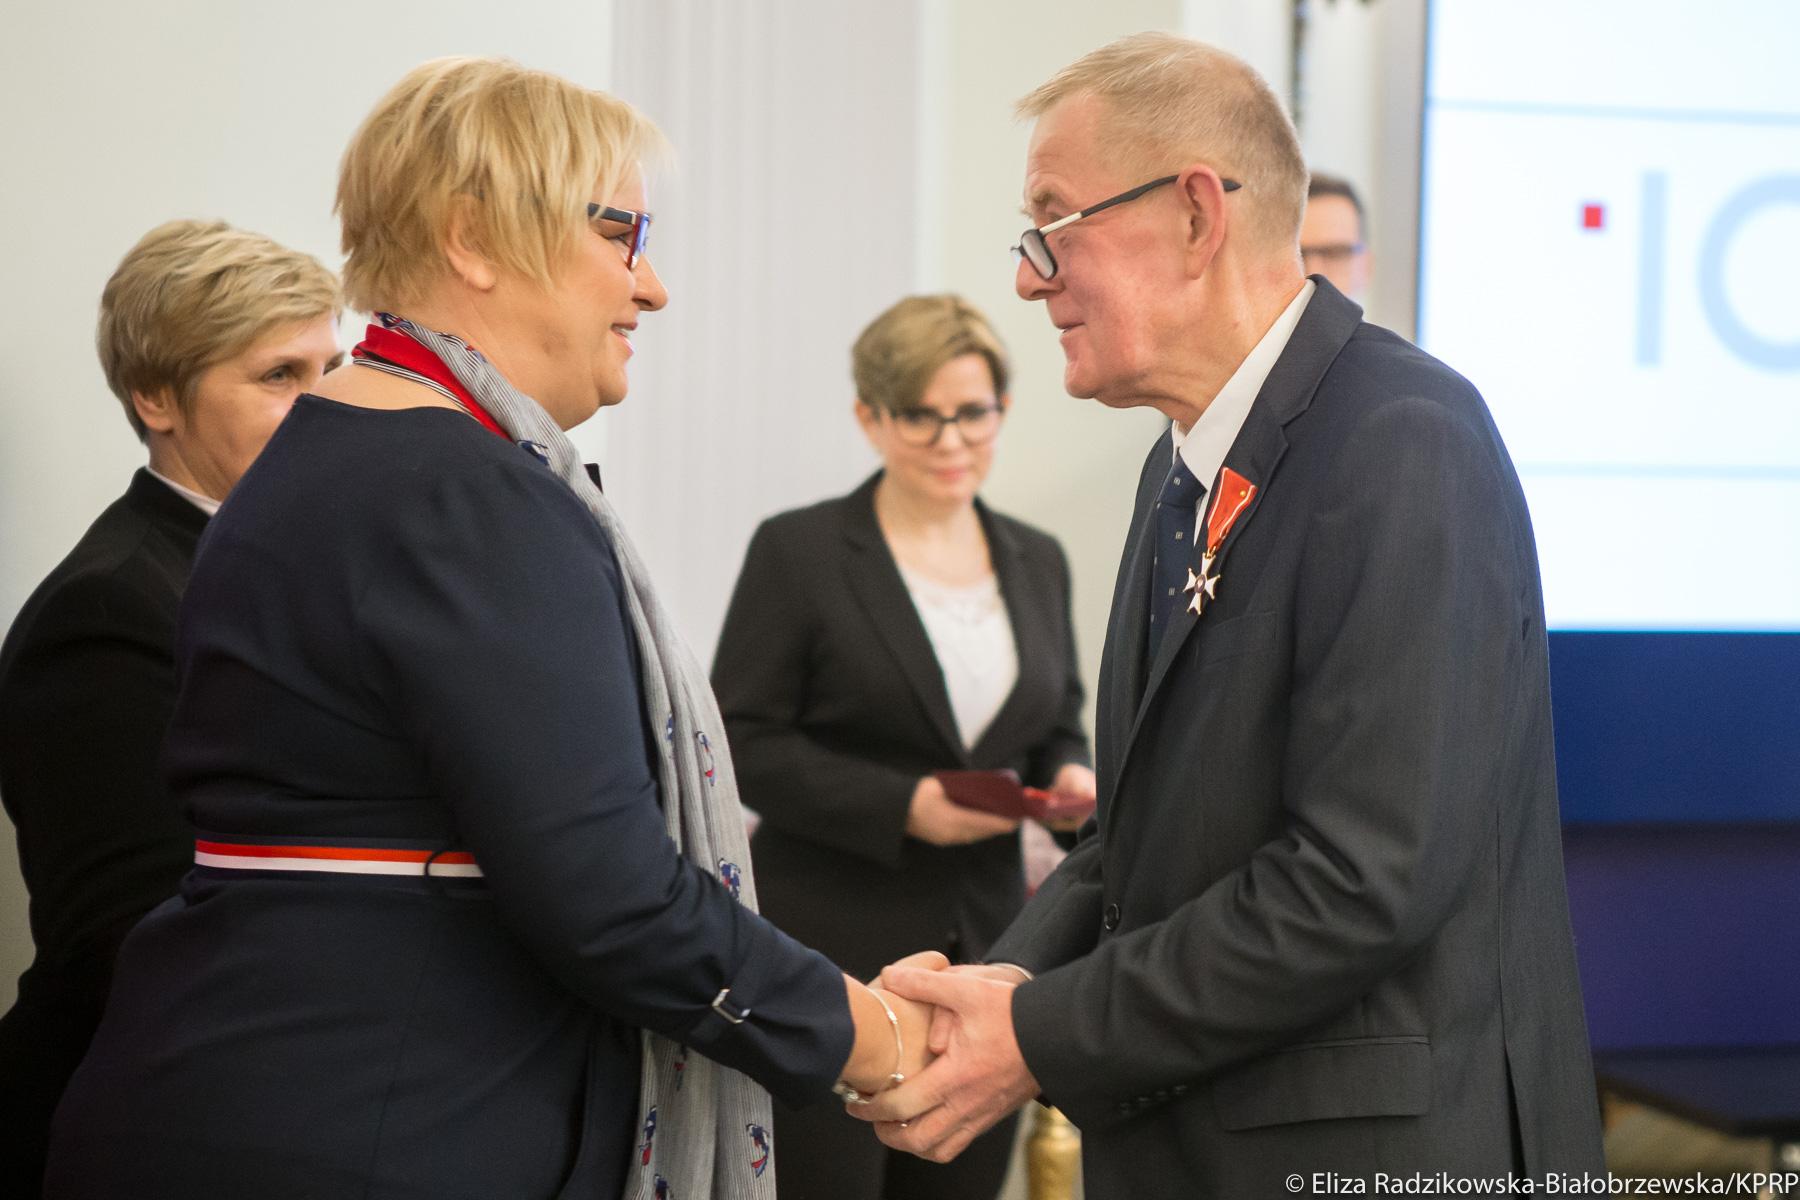 dr hab. Jan Basta odznaczony Krzyżem Kawalerskim Orderu Odrodzenia Polski za wybitne zasługi dla ochrony i konserwacji zasobów archiwalnych